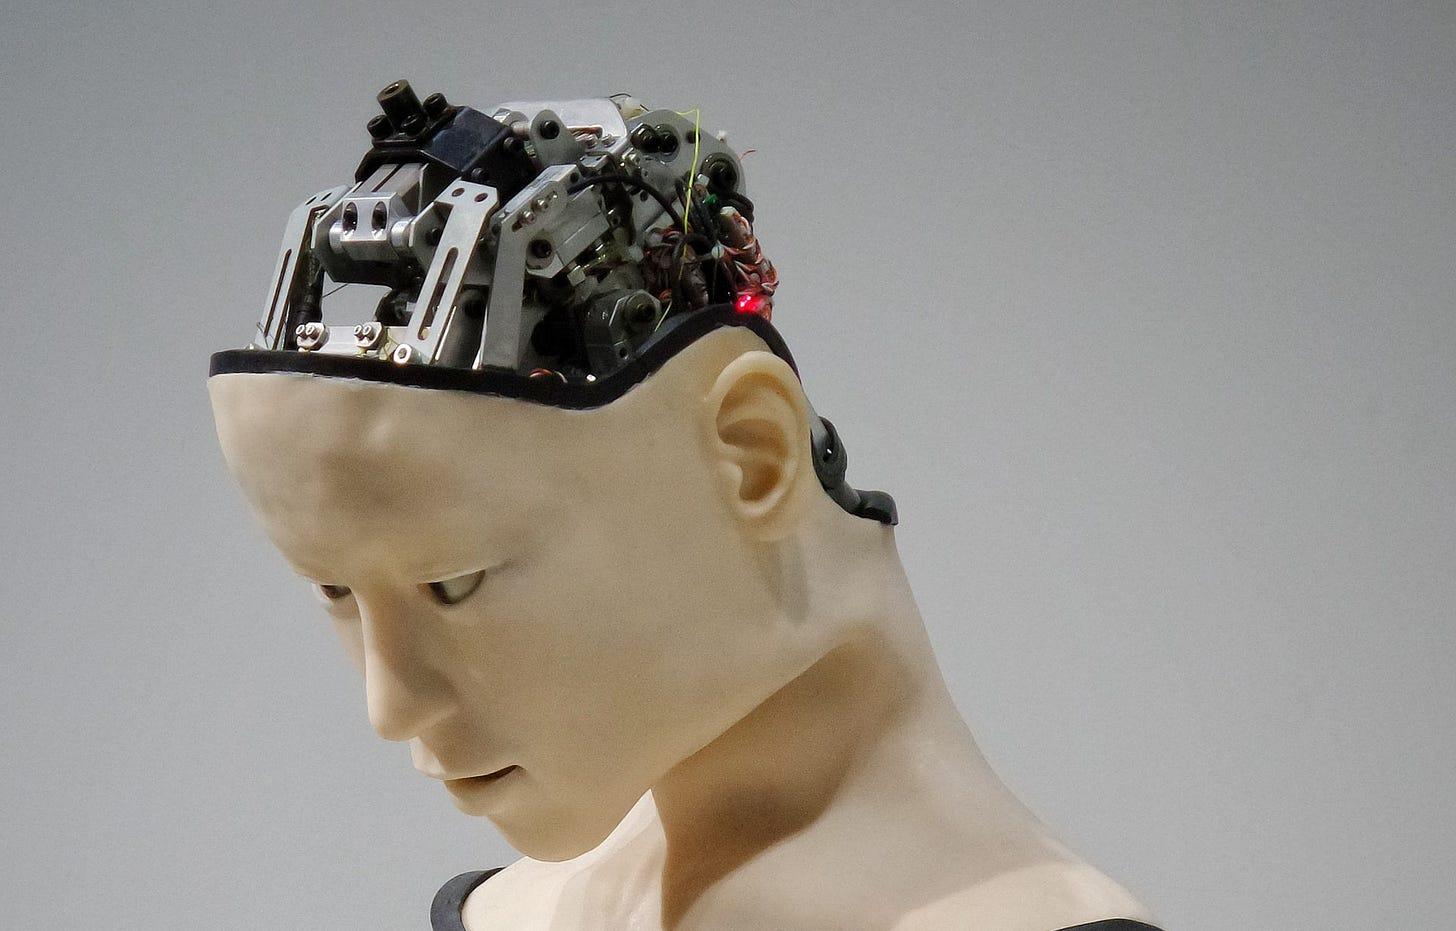 Imagem de um robô humanóide com suas engrenagens aparecendo